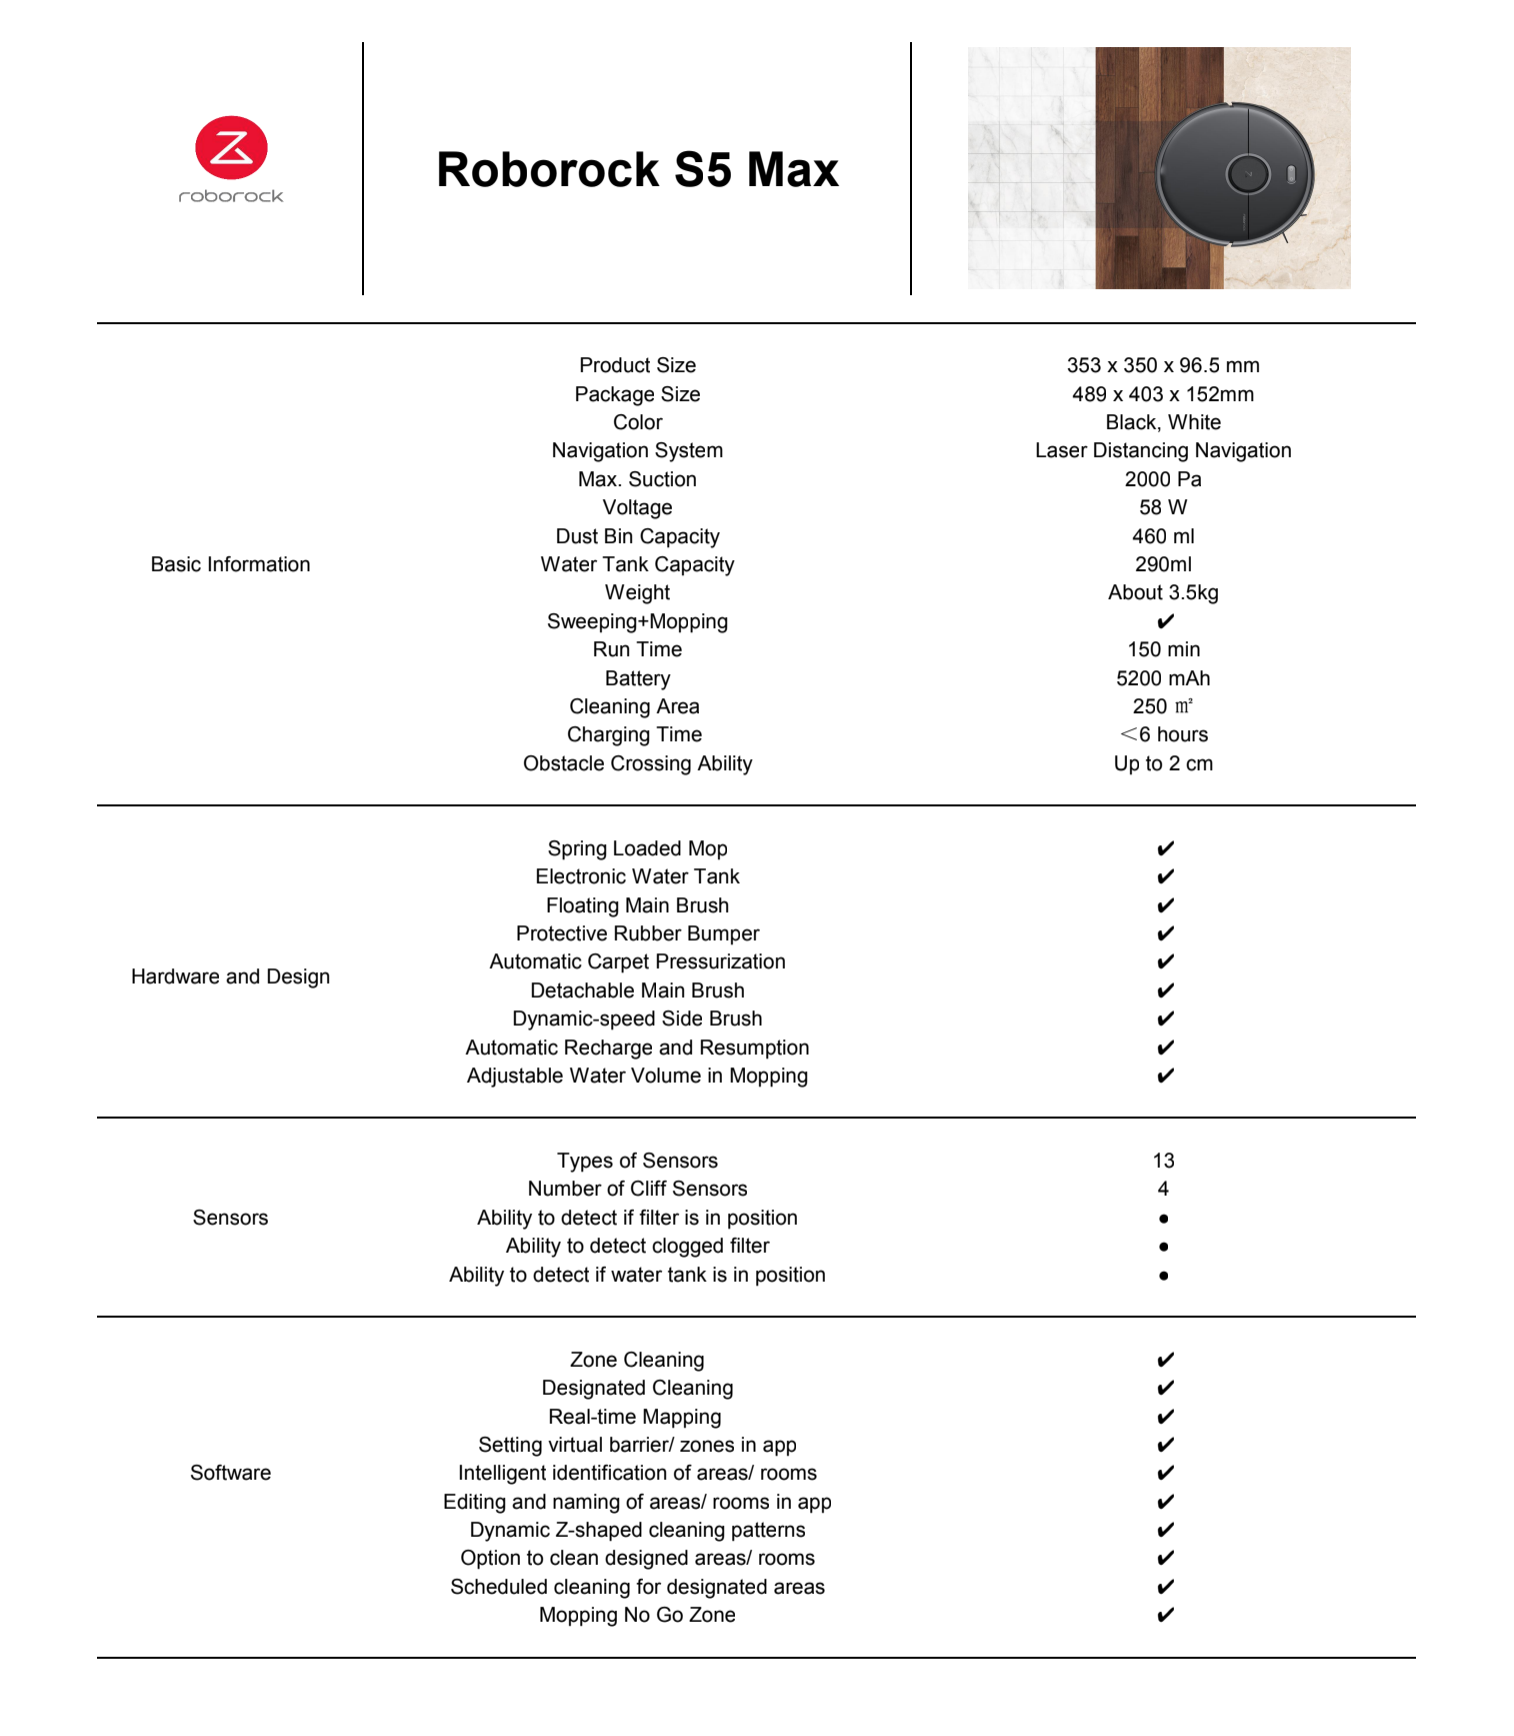 roborock s5 max specs